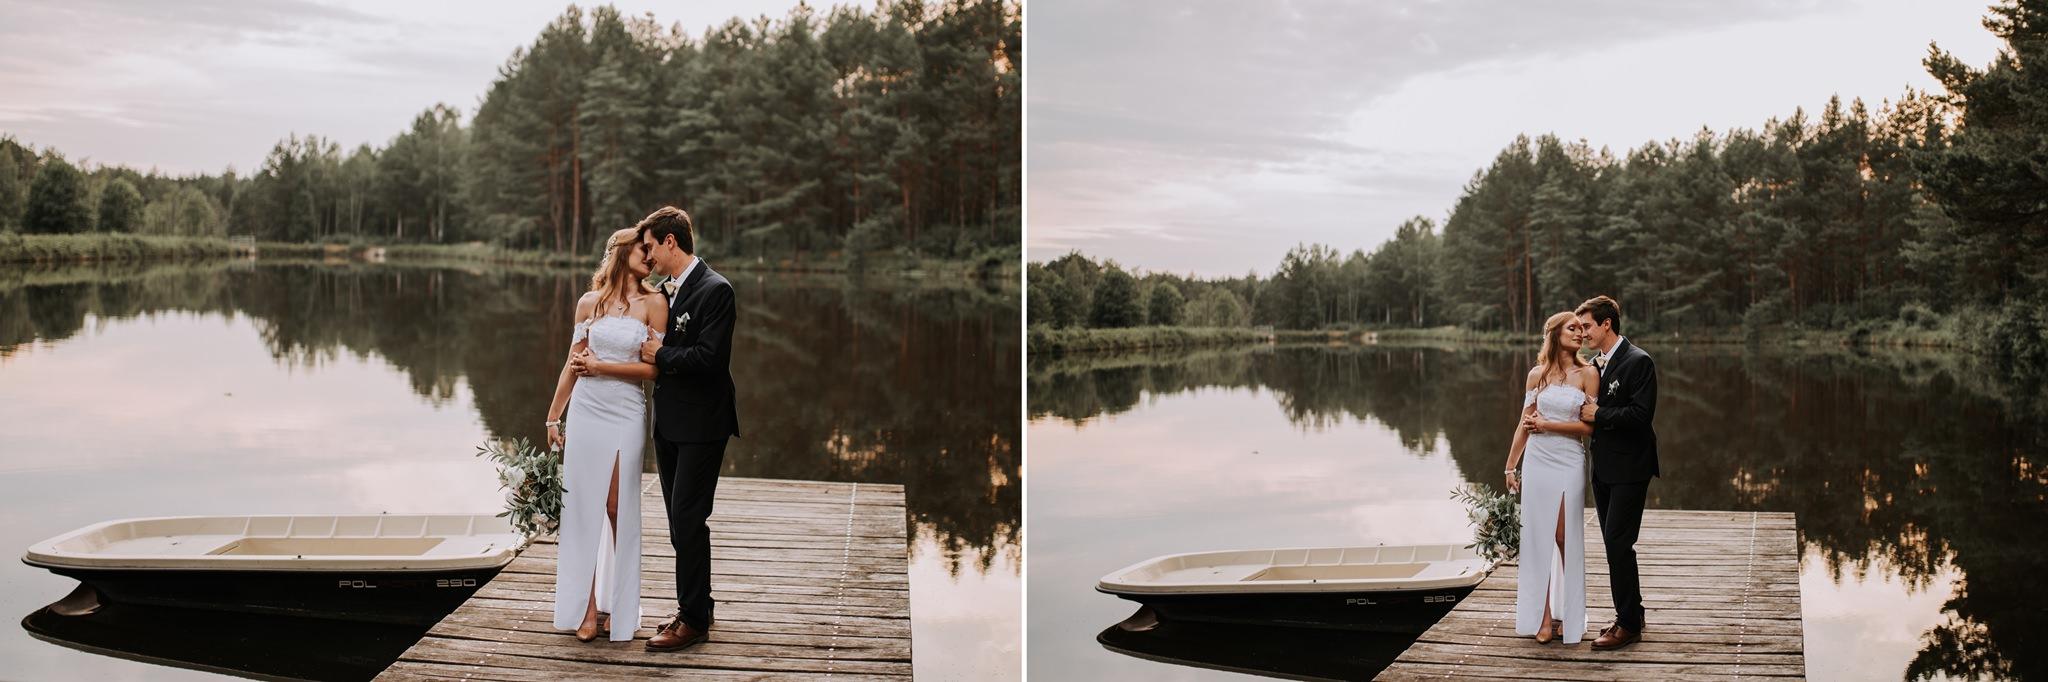 plener ślubny para młoda jezioro molo łódka kielce fotograf ślubny kielce magia iwona tomek